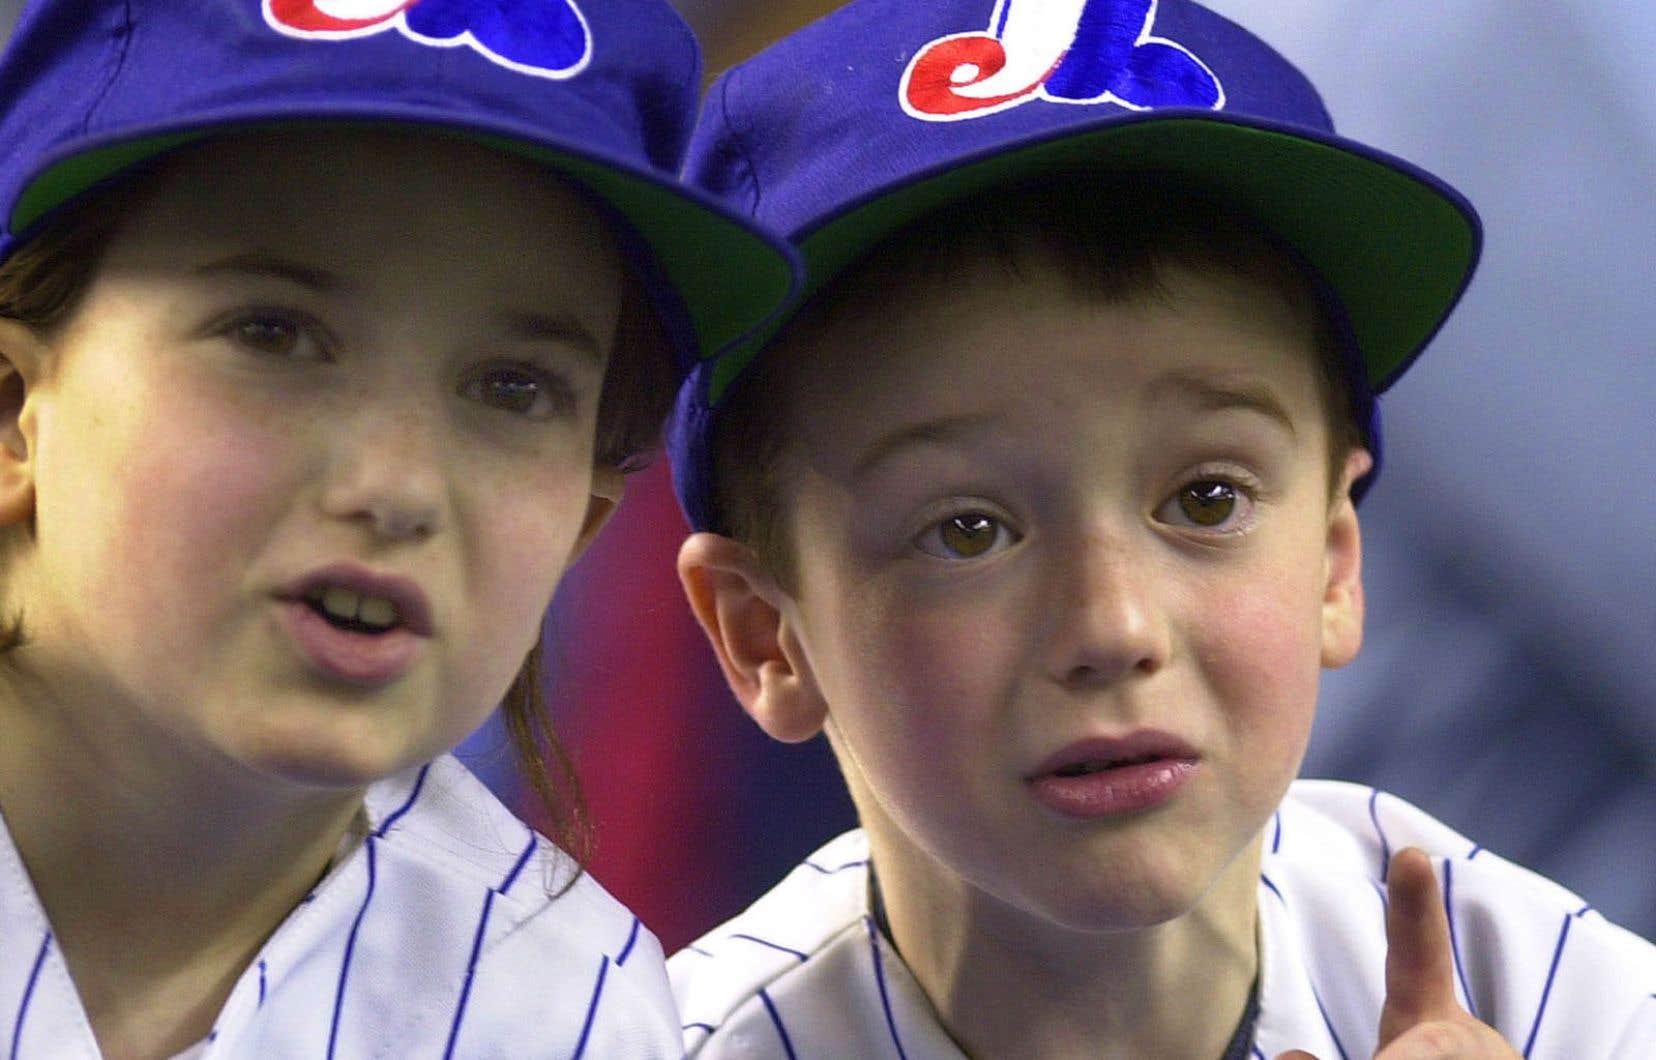 À quelques exceptions près, le baseball est surtout représenté en fiction au Québec sur le mode de la nostalgie et du temps qui s'égrène.